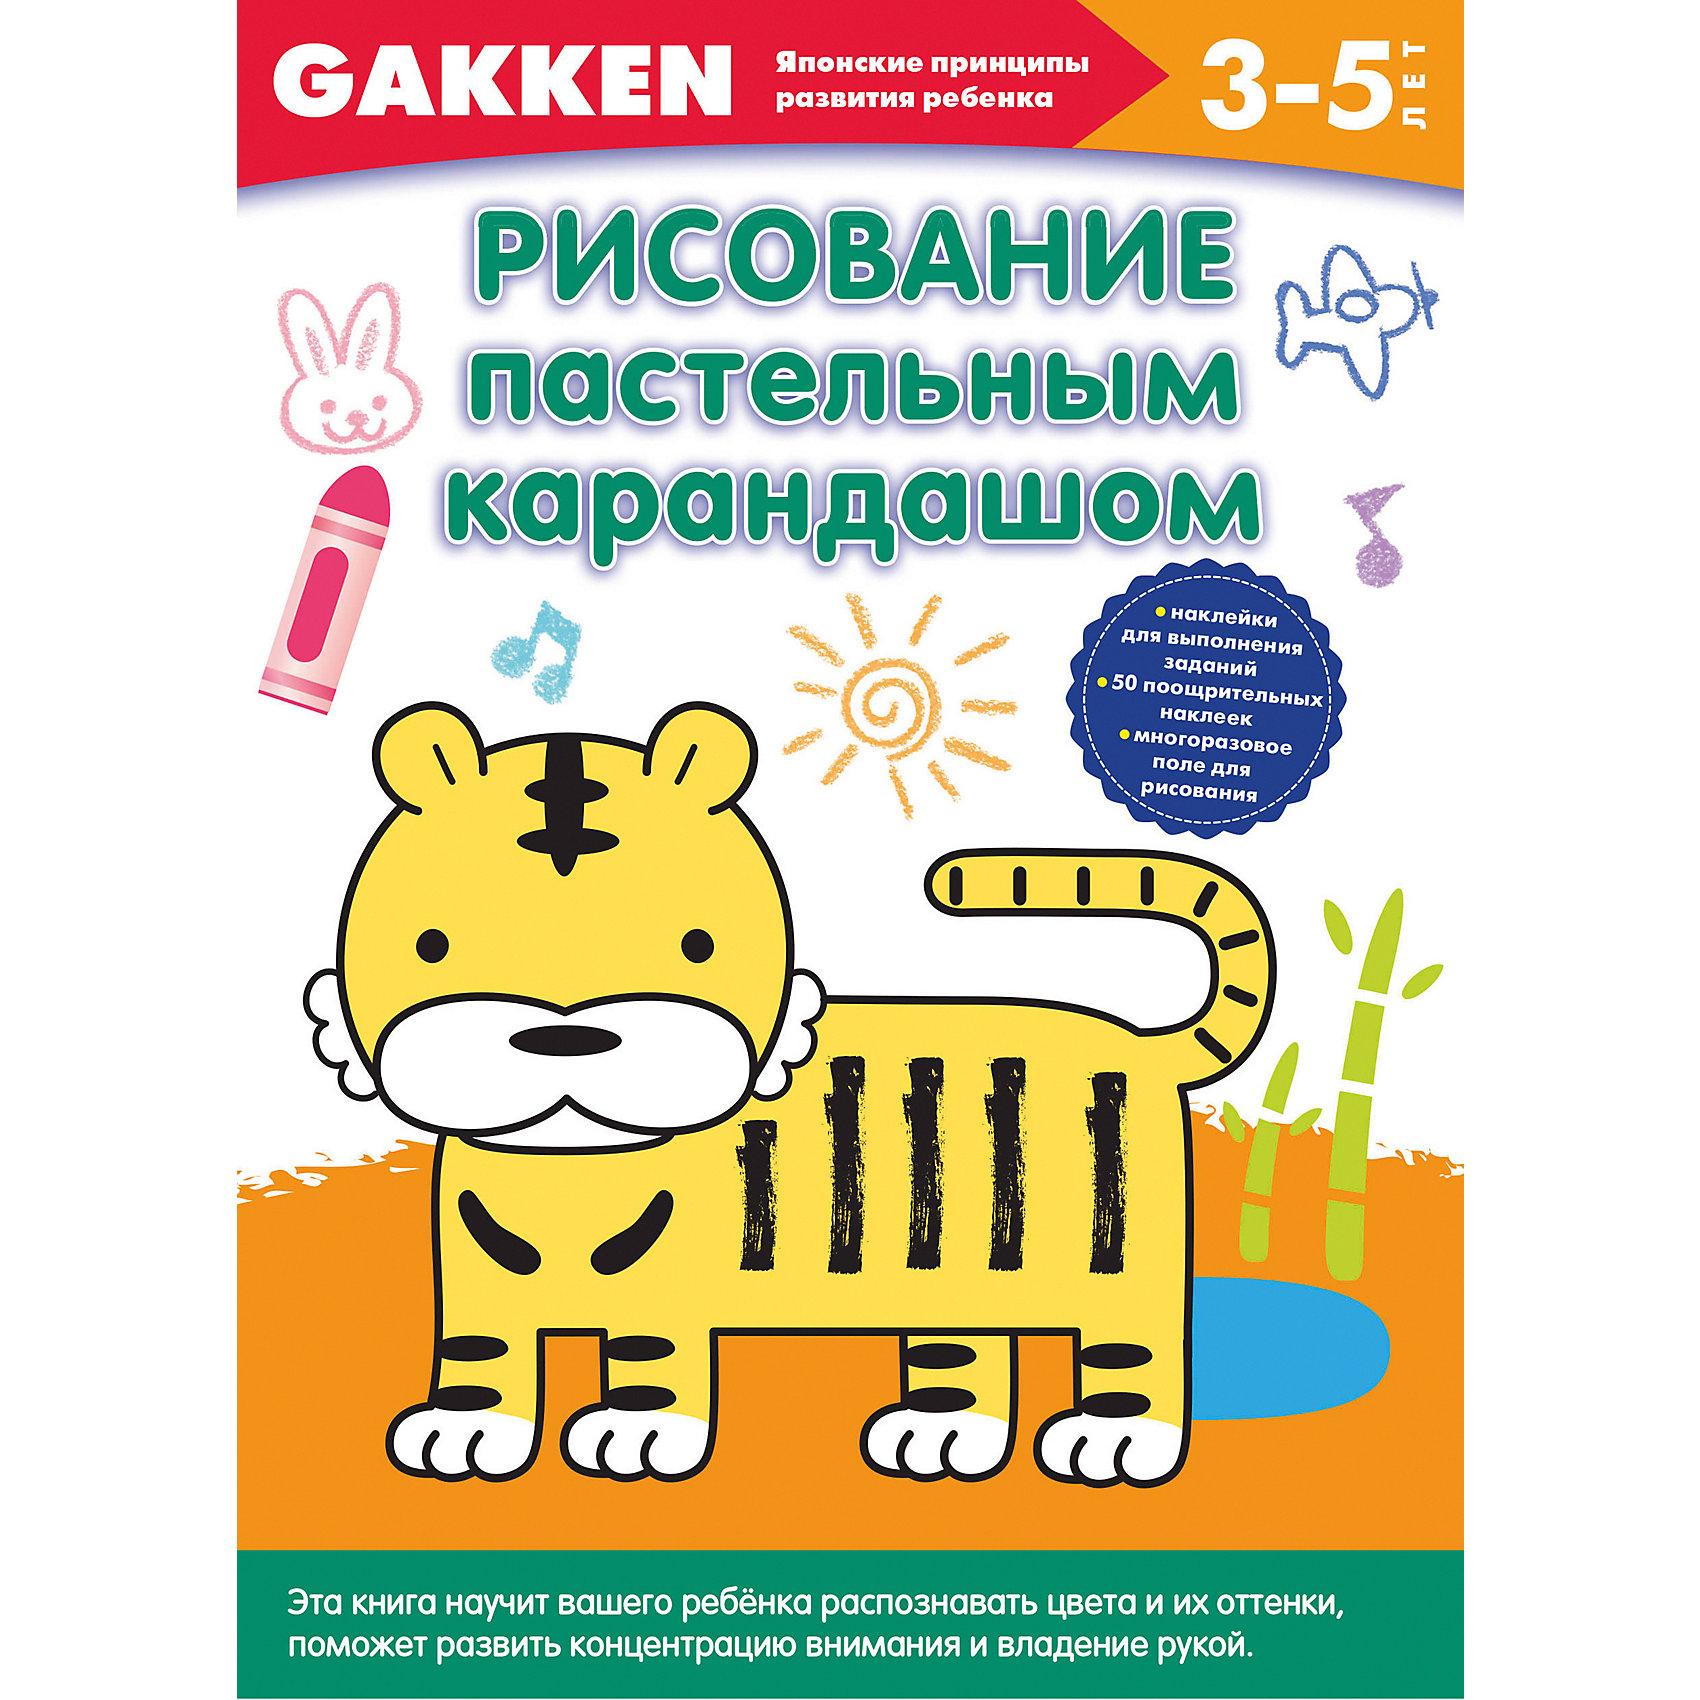 Gakken. 3+ Рисование пастельным карандашомРаскраски по номерам<br>Одно из крупнейших японских издательств GAKKEN 30 лет назад разработало серию рабочих тетрадей, которую мы и представляем вашему вниманию. Эти тетради, в основе которых лежат методические разработки профессора психологии Акиры Таго, помогут родителям оценить способности и развить таланты своего малыша. Занимаясь по рабочей тетради GAKKEN «3+ Рисование пастельным карандашом», вы через некоторое время сами убедитесь в том, что без нервотрепки и утомительных скучных занятий  ваш ребенок может:<br>•назвать основные цвета и даже различать их оттенки;<br>•рисовать различные линии от простейших до довольно сложных;<br>•уверенно пользоваться пастельным карандашом и как следствие аккуратно раскрашивать рисунки, не заходя за контур;<br>•уверенно рисовать простые фигуры.<br>А ещё малыша ожидает специальная многоразовая страница для творческого рисования!<br><br>Дополнительная информация:<br><br>- год выпуска: 2015<br>- количество страниц:64<br>- формат: 29 *21 см.<br>- переплет: мягкий переплет<br>- вес: 278 гр.<br>- возраст: от  3  до 5 лет<br><br>Gakken. 3+ Рисование пастельным карандашом можно купить в нашем интернет - магазине.<br><br>Ширина мм: 290<br>Глубина мм: 210<br>Высота мм: 5<br>Вес г: 278<br>Возраст от месяцев: 36<br>Возраст до месяцев: 72<br>Пол: Унисекс<br>Возраст: Детский<br>SKU: 4753539